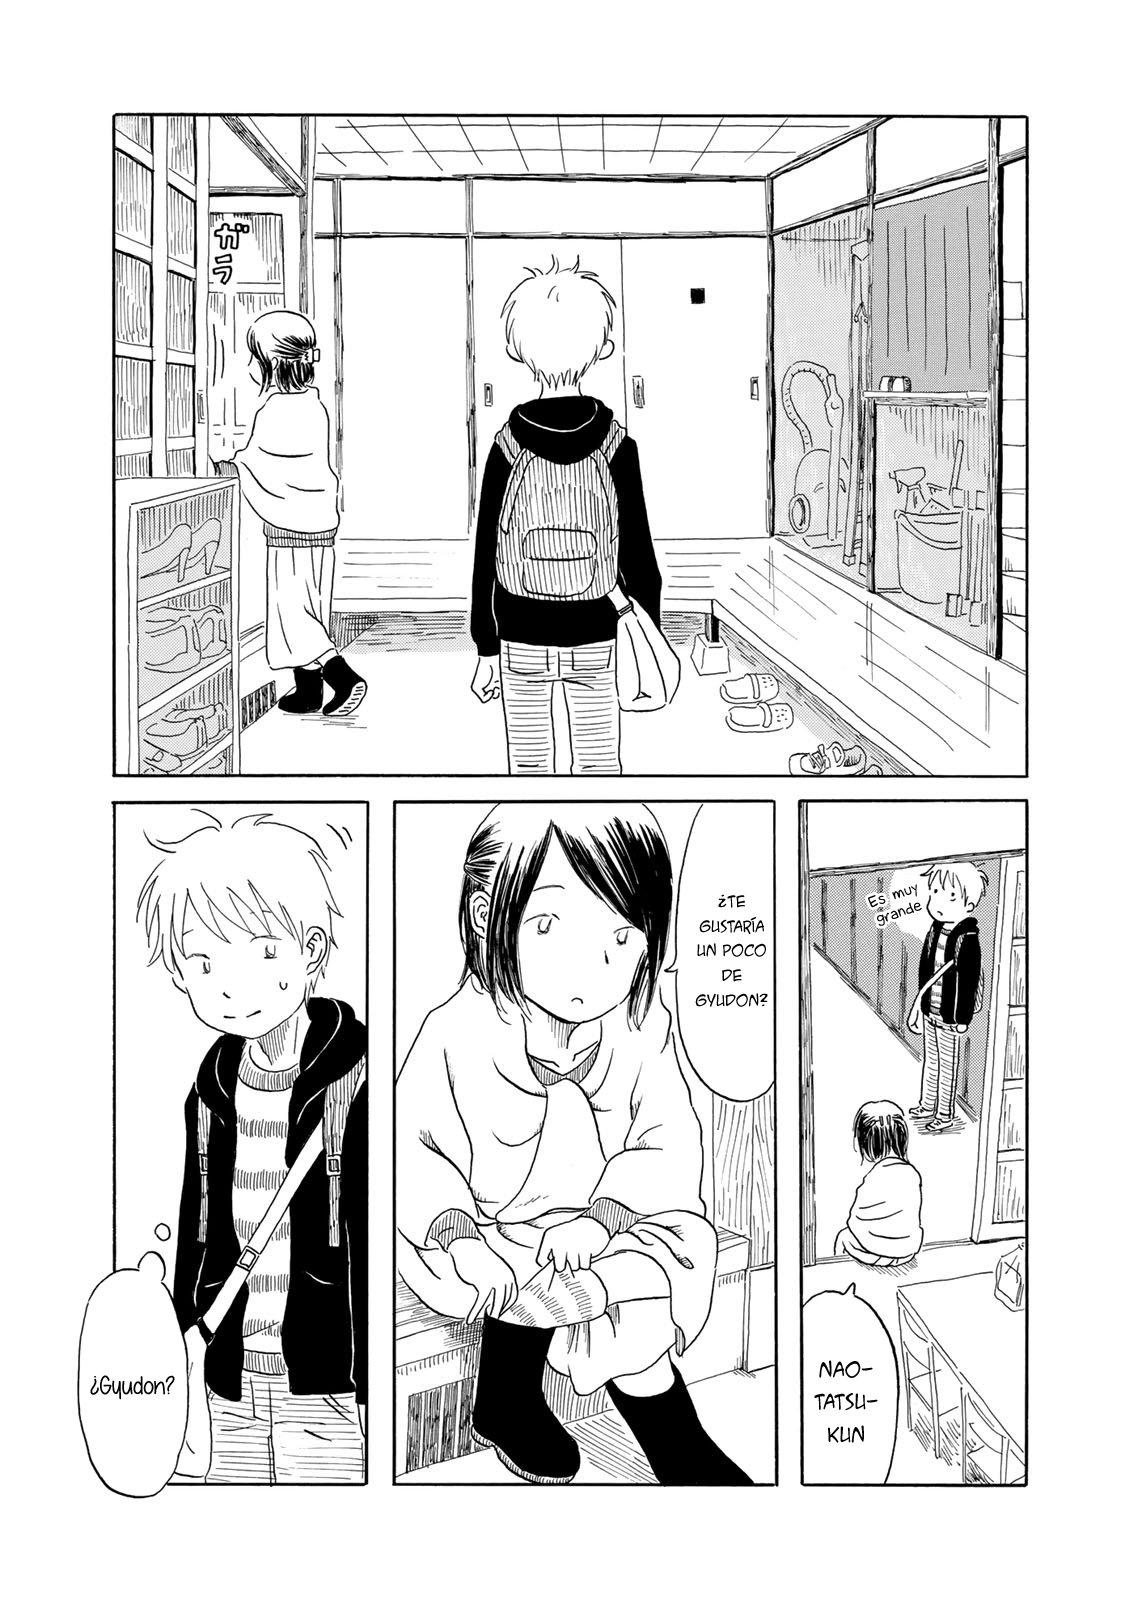 https://nine.mangadogs.com/es_manga/pic8/50/36658/946317/e35284b6966864480f02bc12997b8b49.jpg Page 10